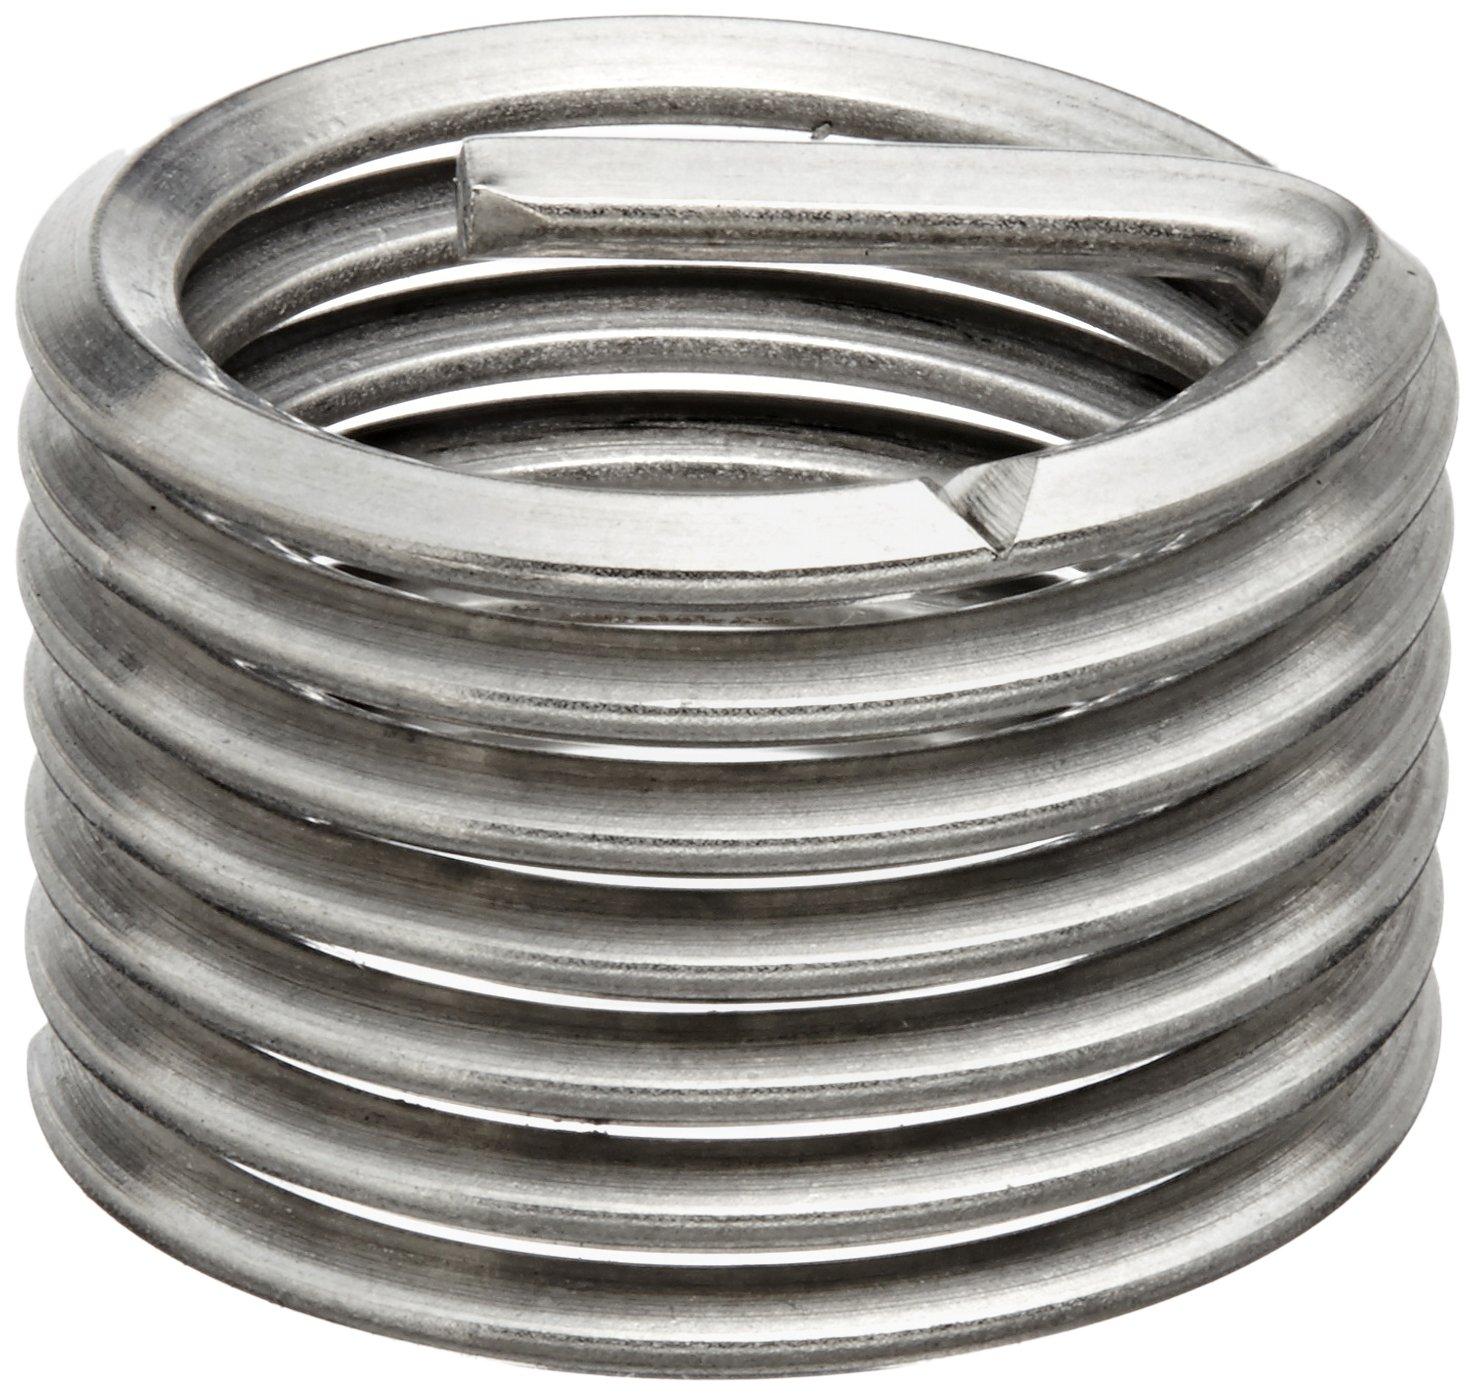 304 Stainless Steel 0.224 Installed Length Pack of 10 E-Z Lok SK30220 Helical Threaded Insert Kit #4-48 Thread Size